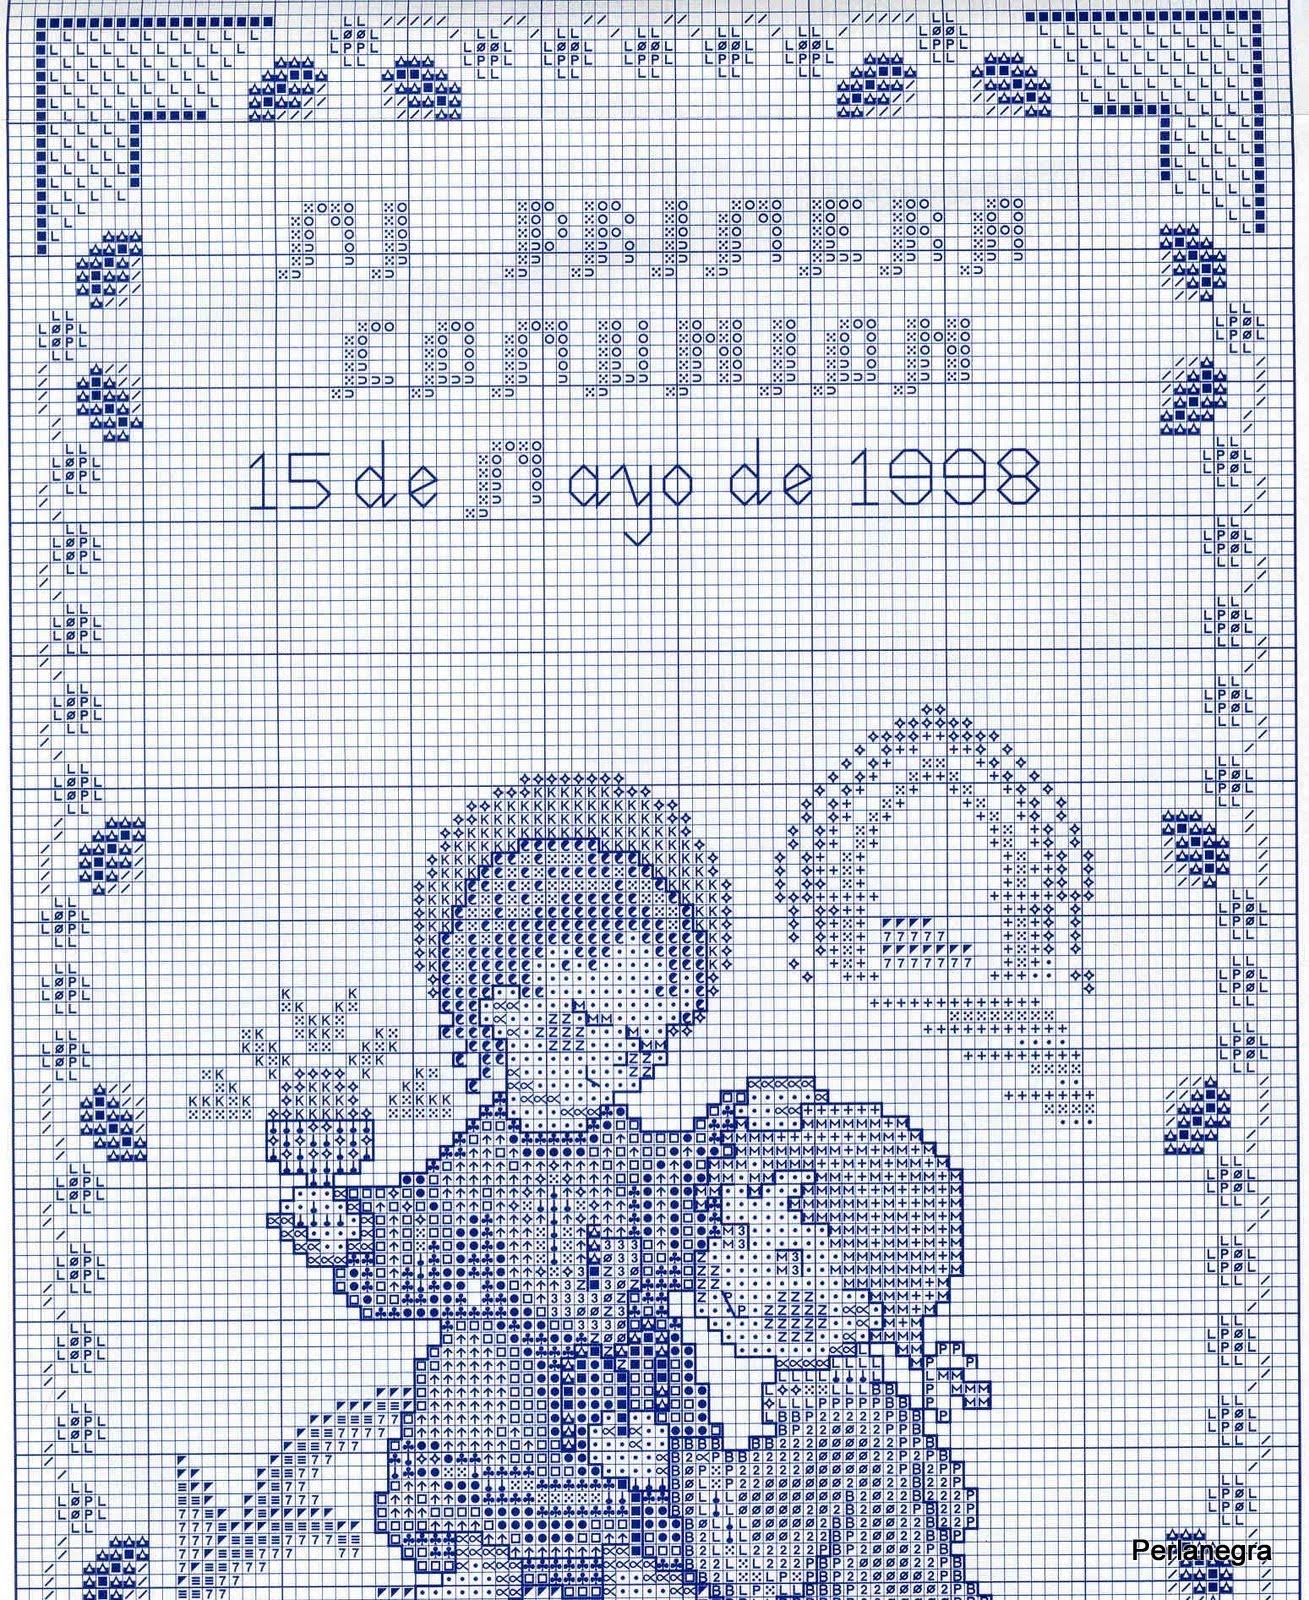 Assez la prima comunione quadro con angeli (2) - magiedifilo.it punto  UX43